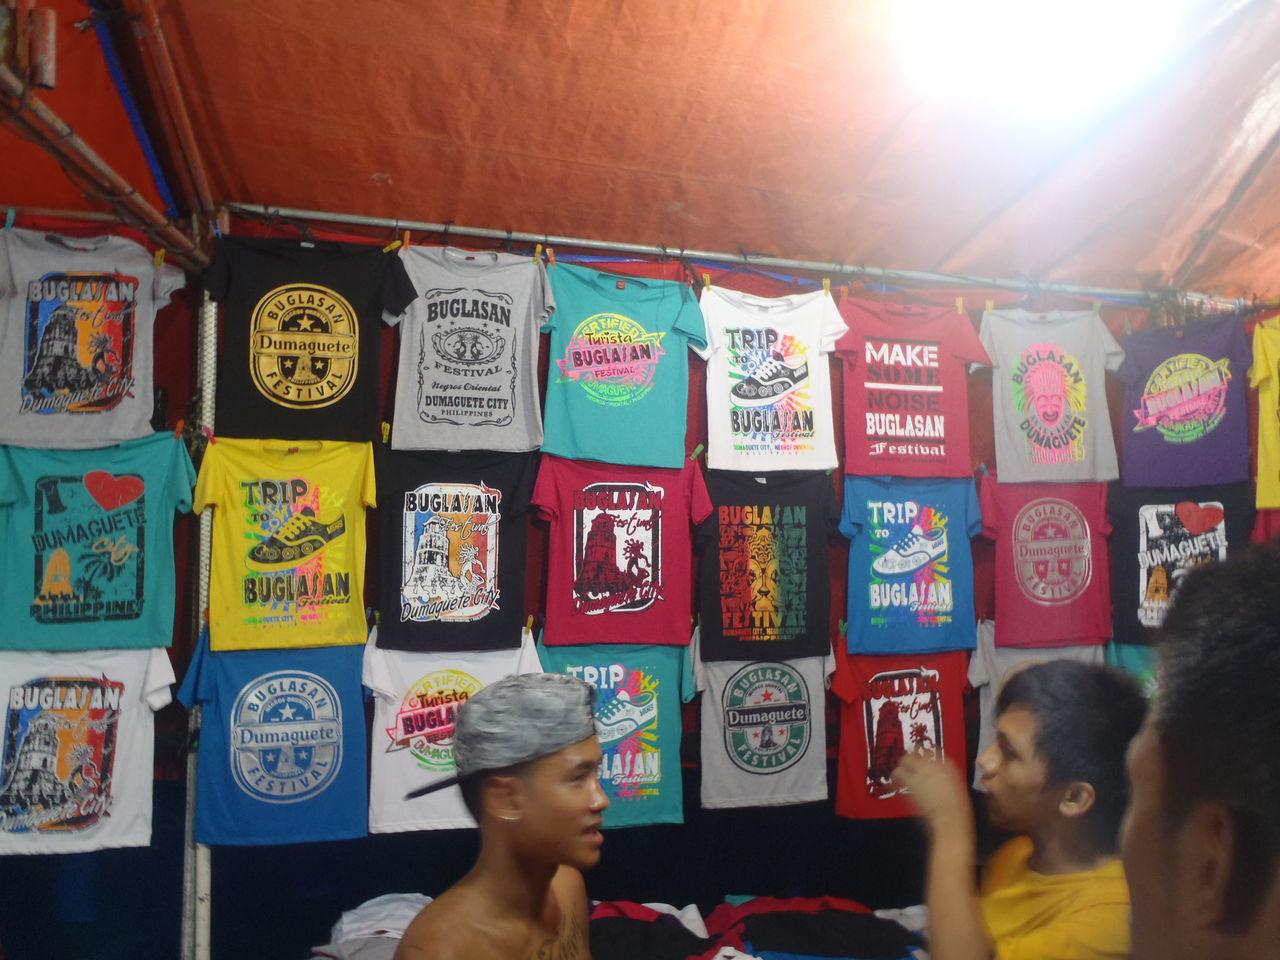 フィリピンのお祭りで出会った最近いけてる出店